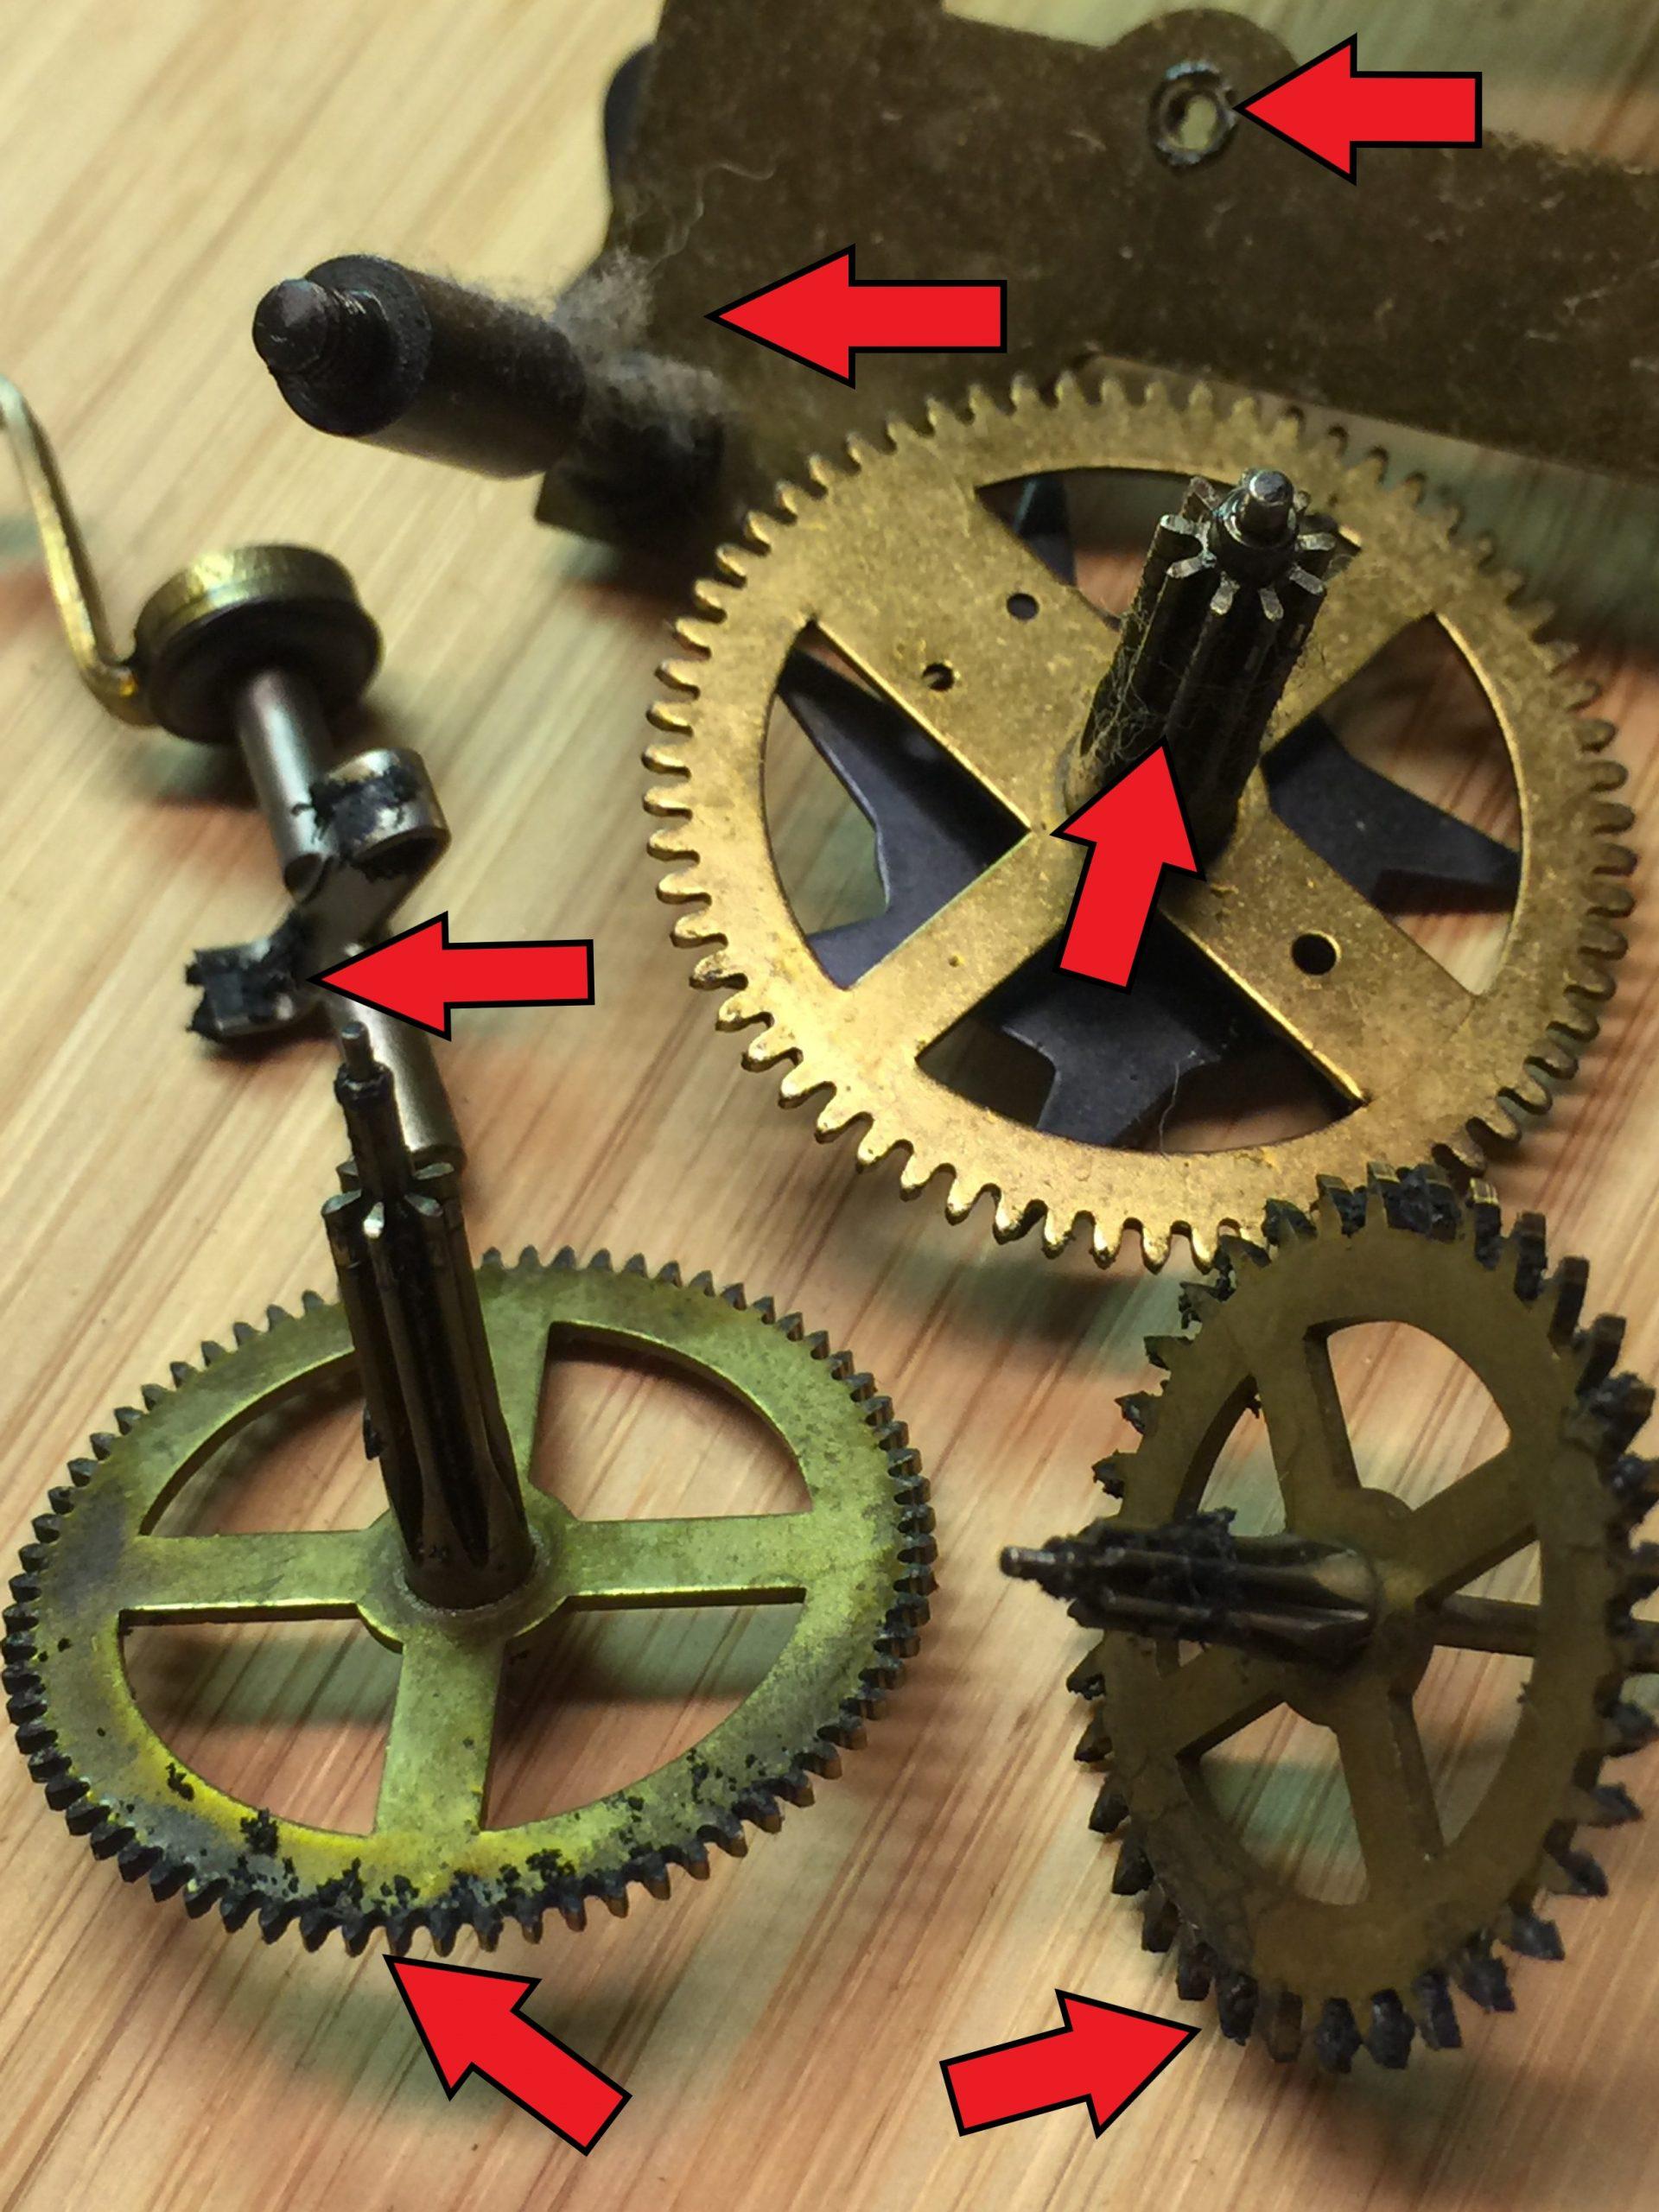 Klok reparatie - vuile raderen